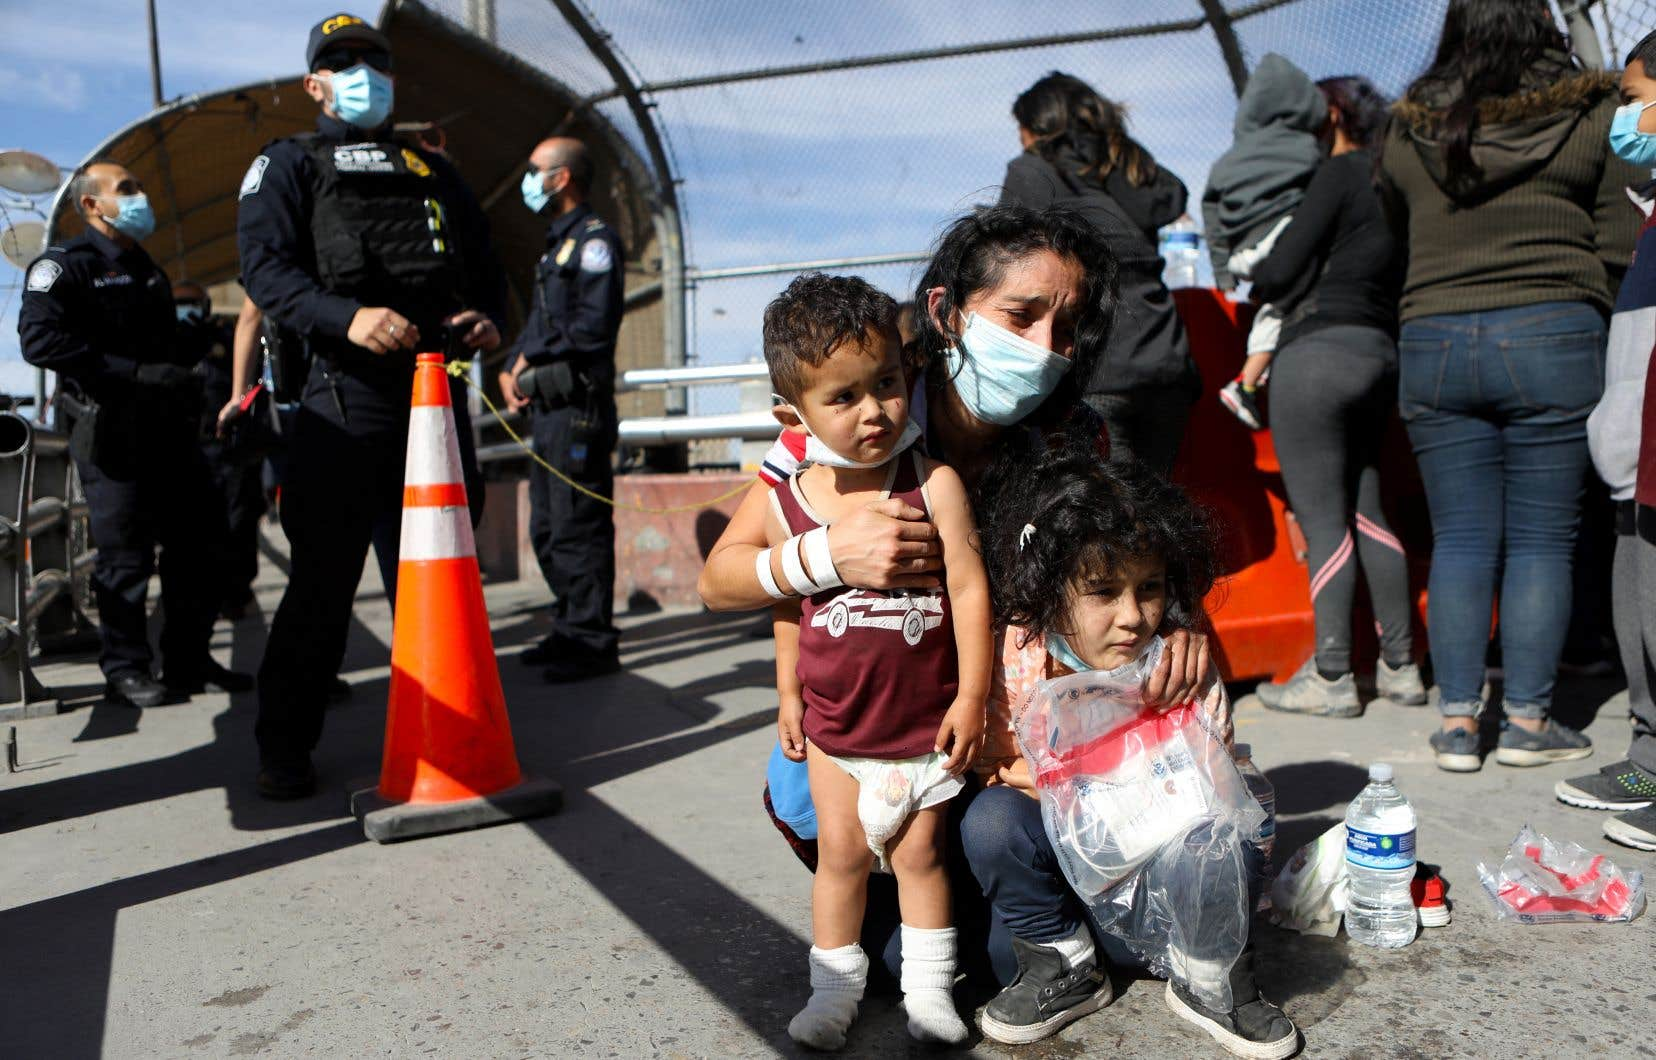 Joe Biden s'est engagé à effacer «une honte morale et nationale» héritée de son prédécesseur, à savoir la séparation de milliers de familles de migrants, dont certaines n'ont toujours pas été réunies.